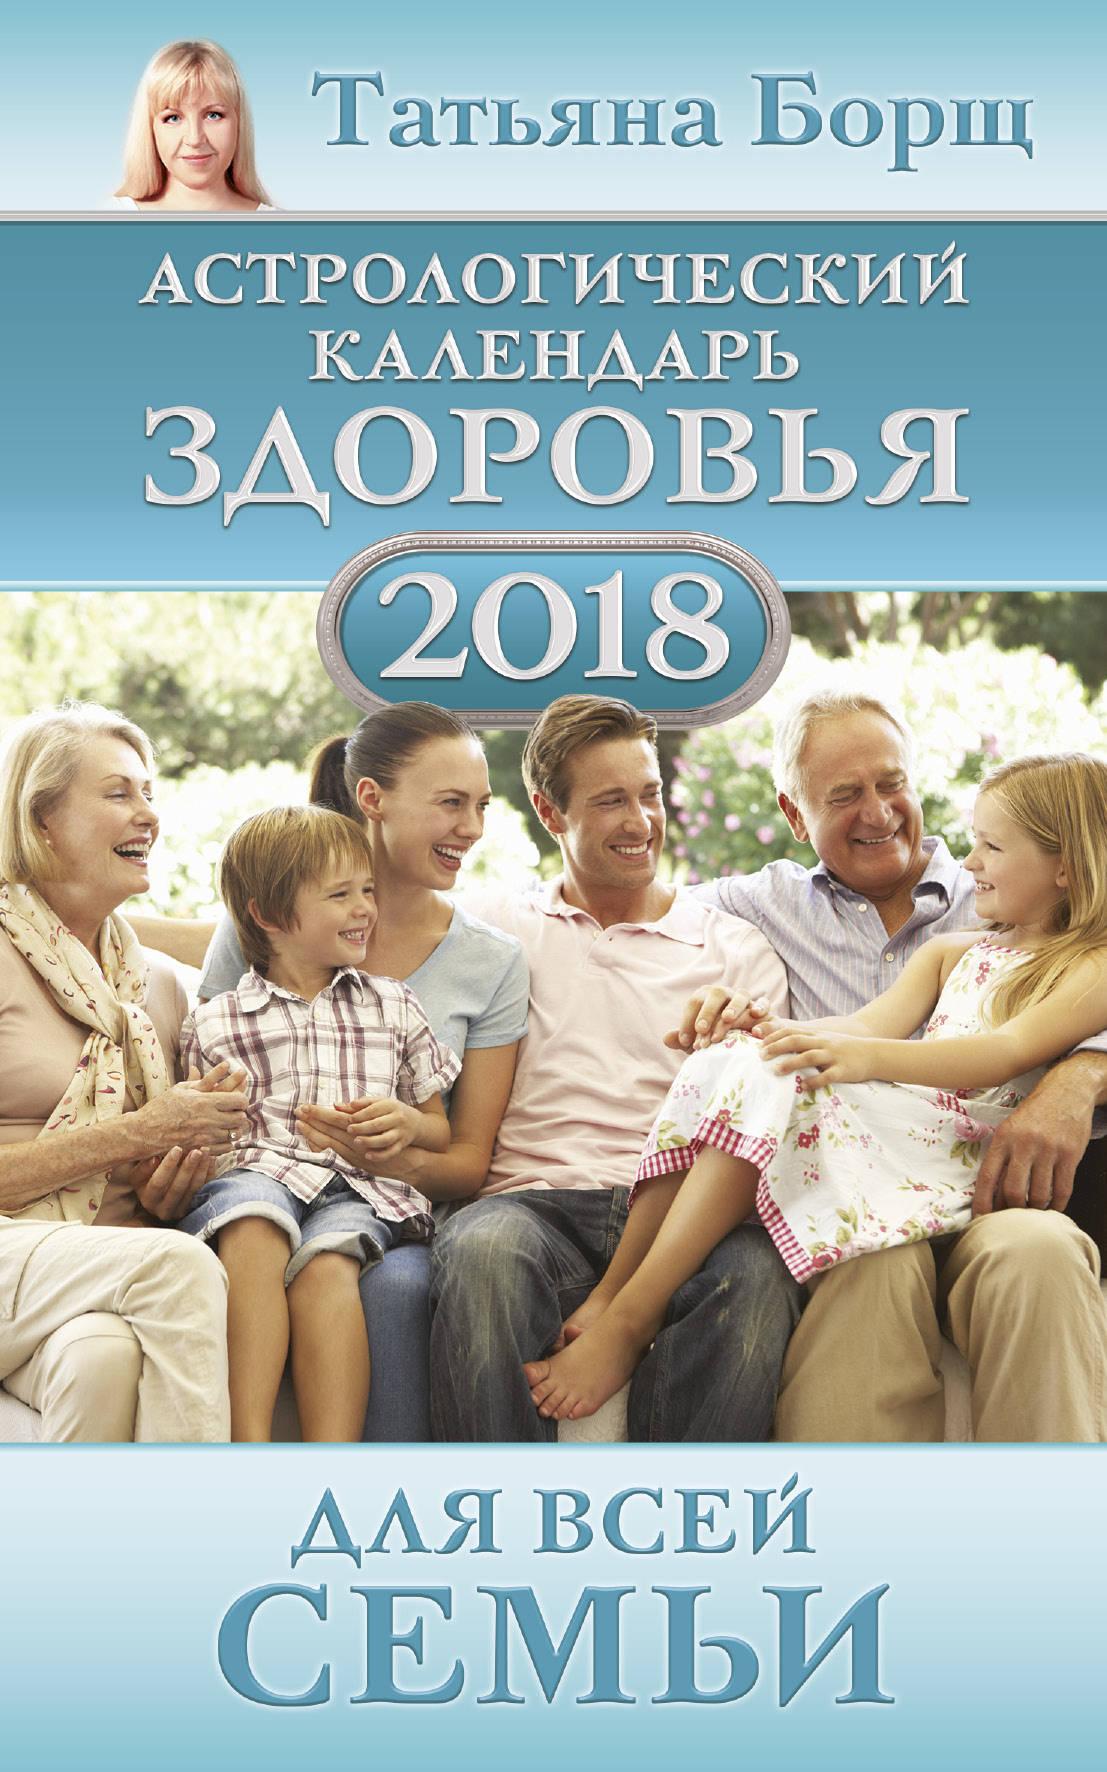 Татьяна Борщ Астрологический календарь здоровья для всей семьи на 2018 год магги борщ